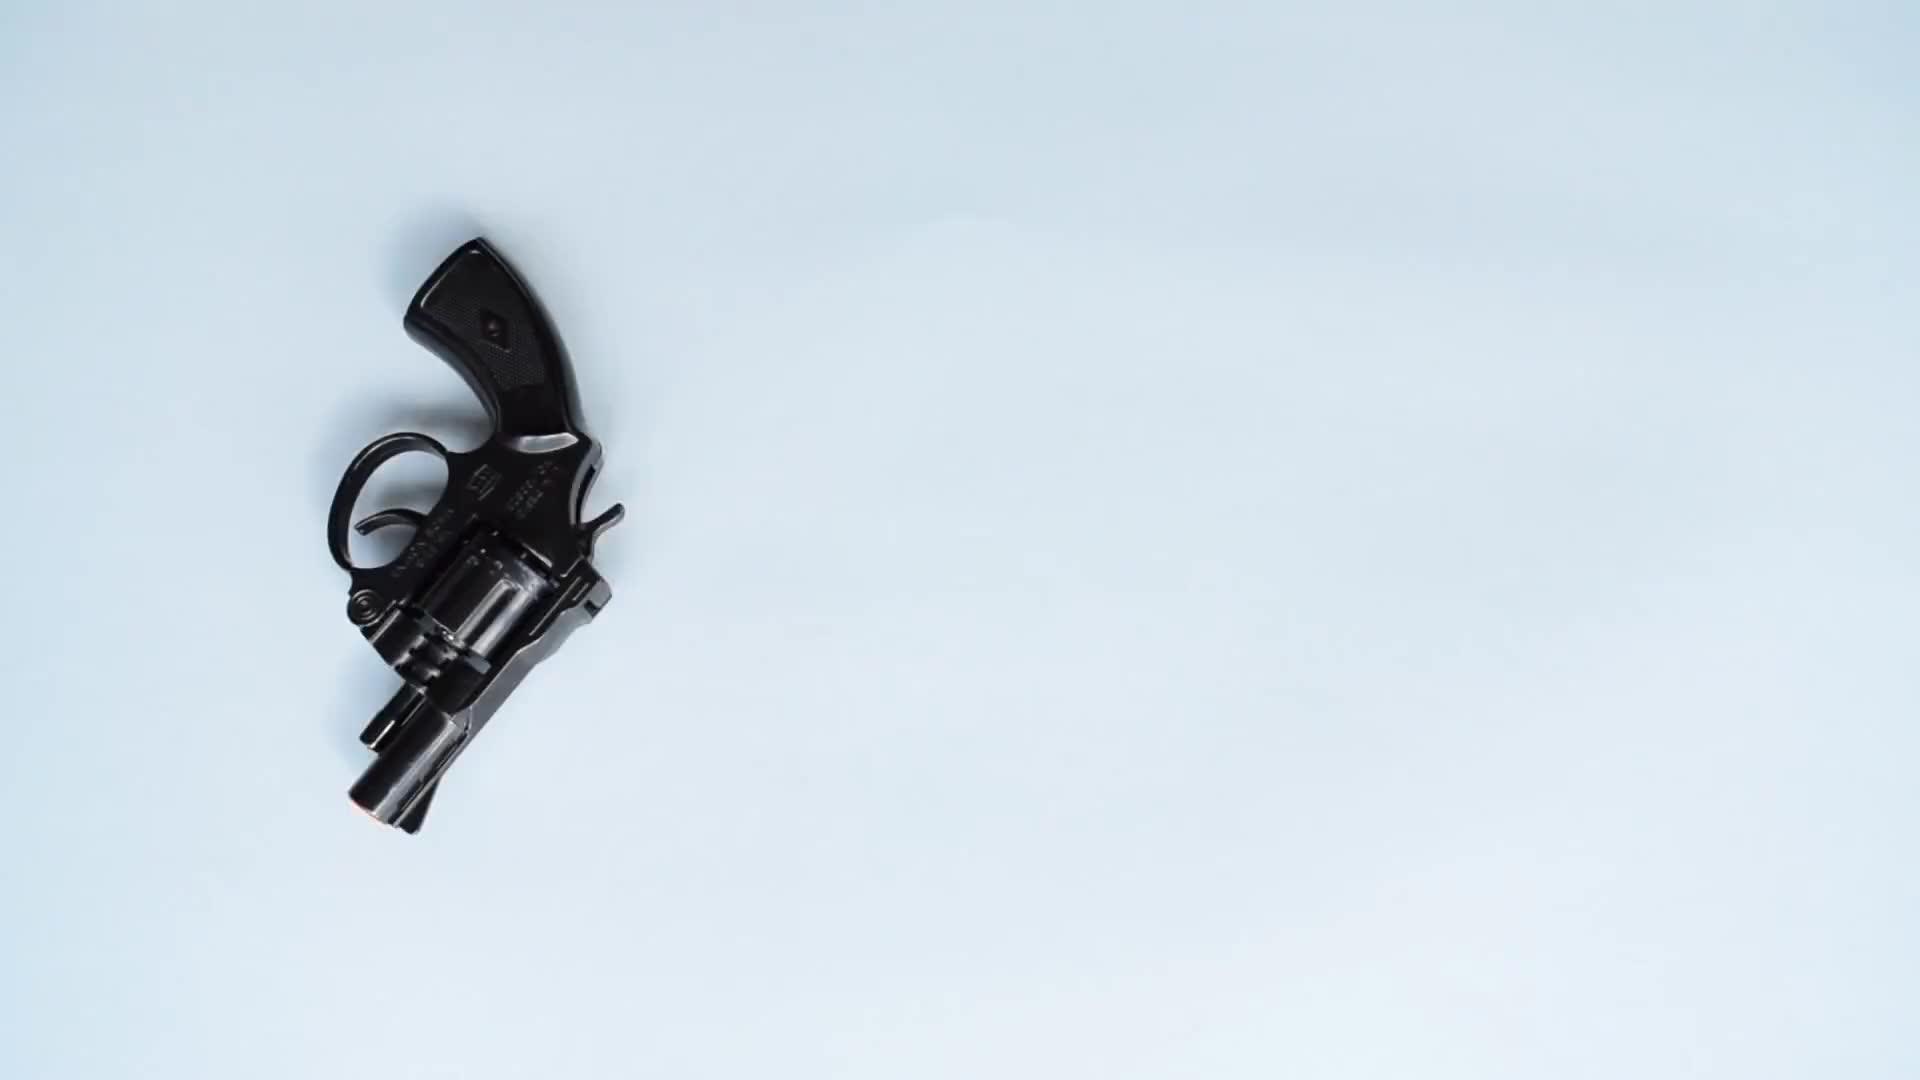 Новинка 121, ковбойский колпачок для игрушечного пистолета, фейерверк, 8 колпачков для пистолета